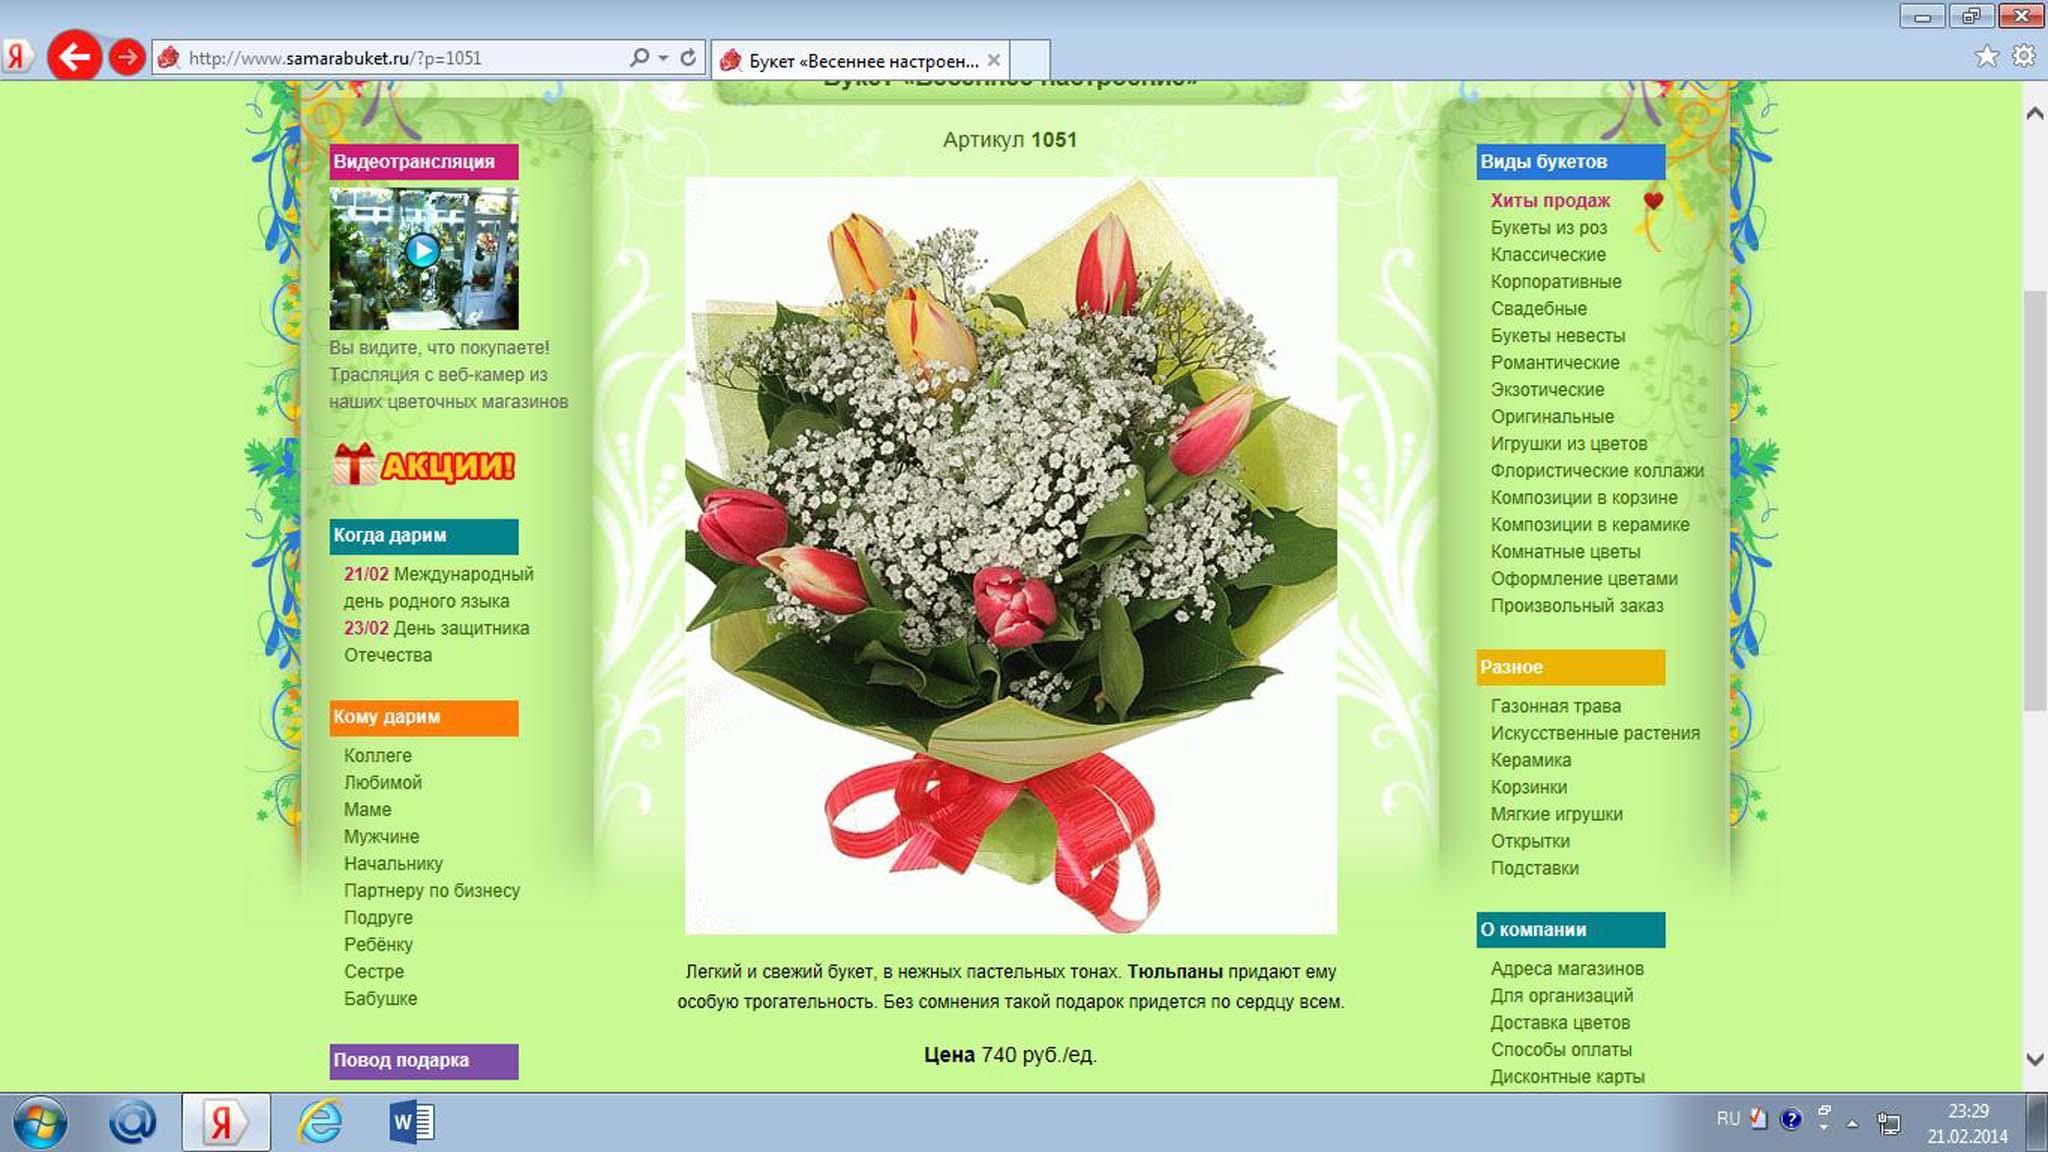 Посоветуйте компанию по международной доставке цветов, цветы в челябинске ценам